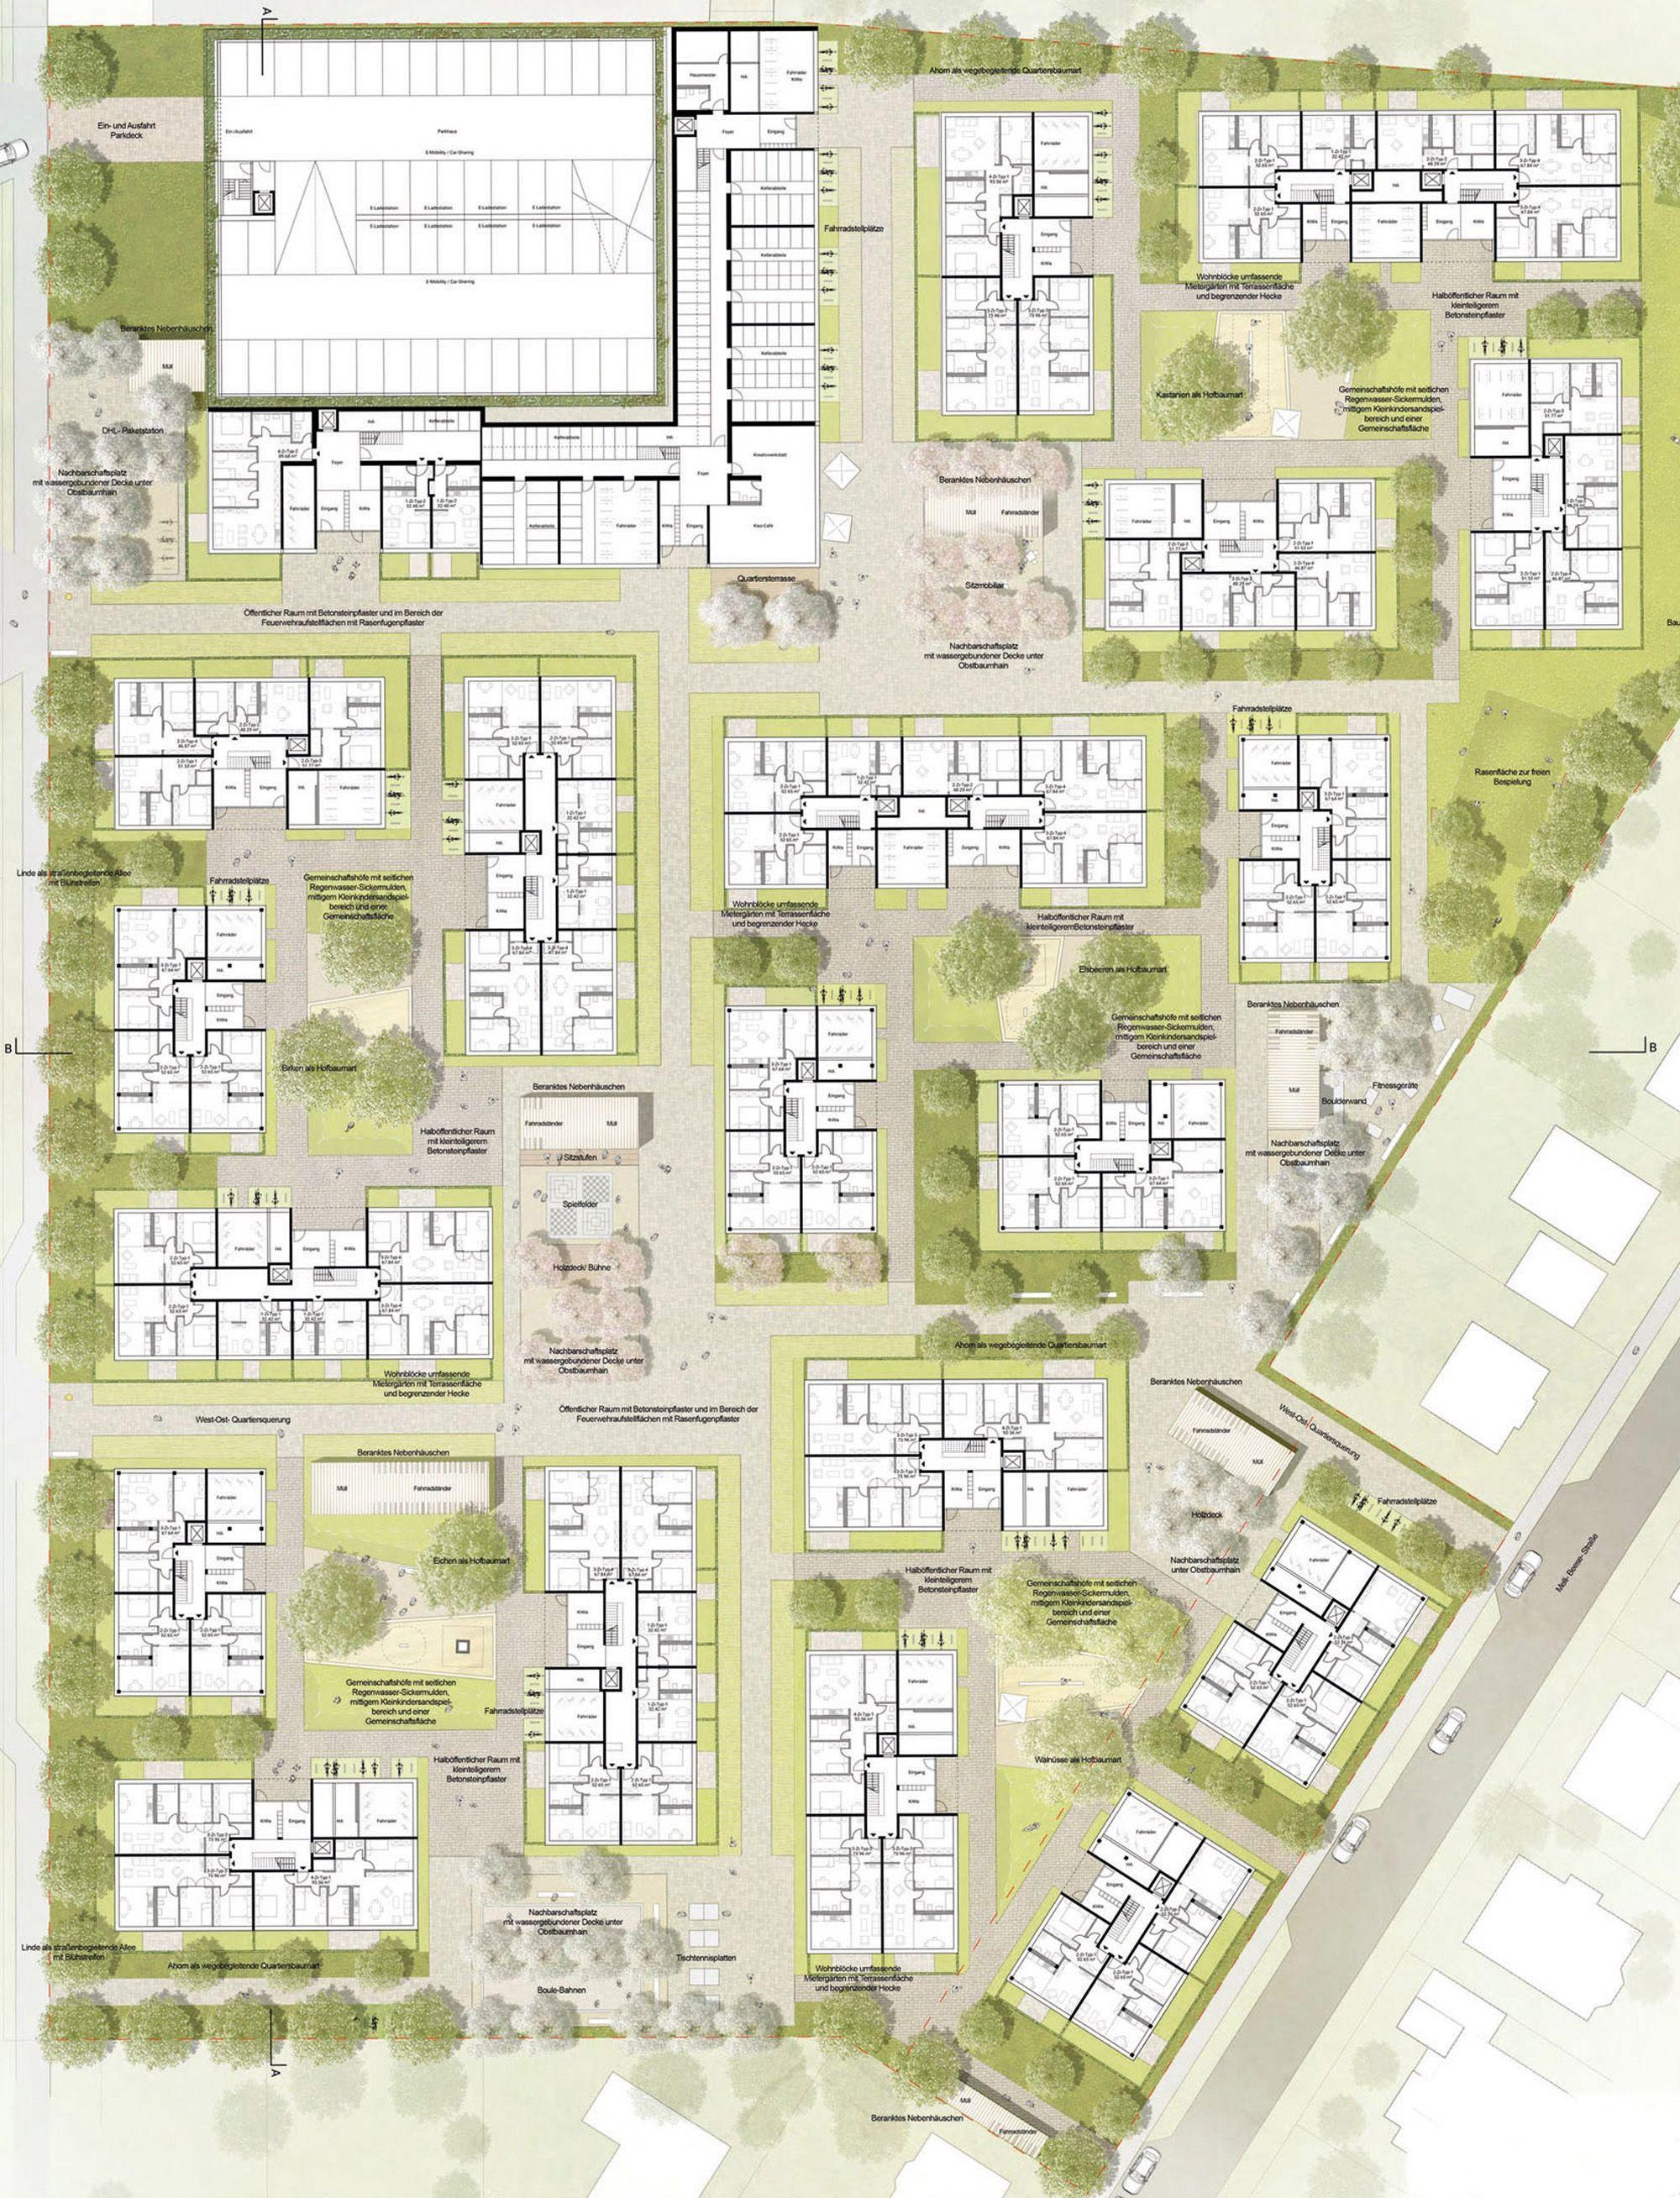 Ergebnis: Straße am Flugplatz / Melli-Beese-Straße...competitionline #architekturdiagramme